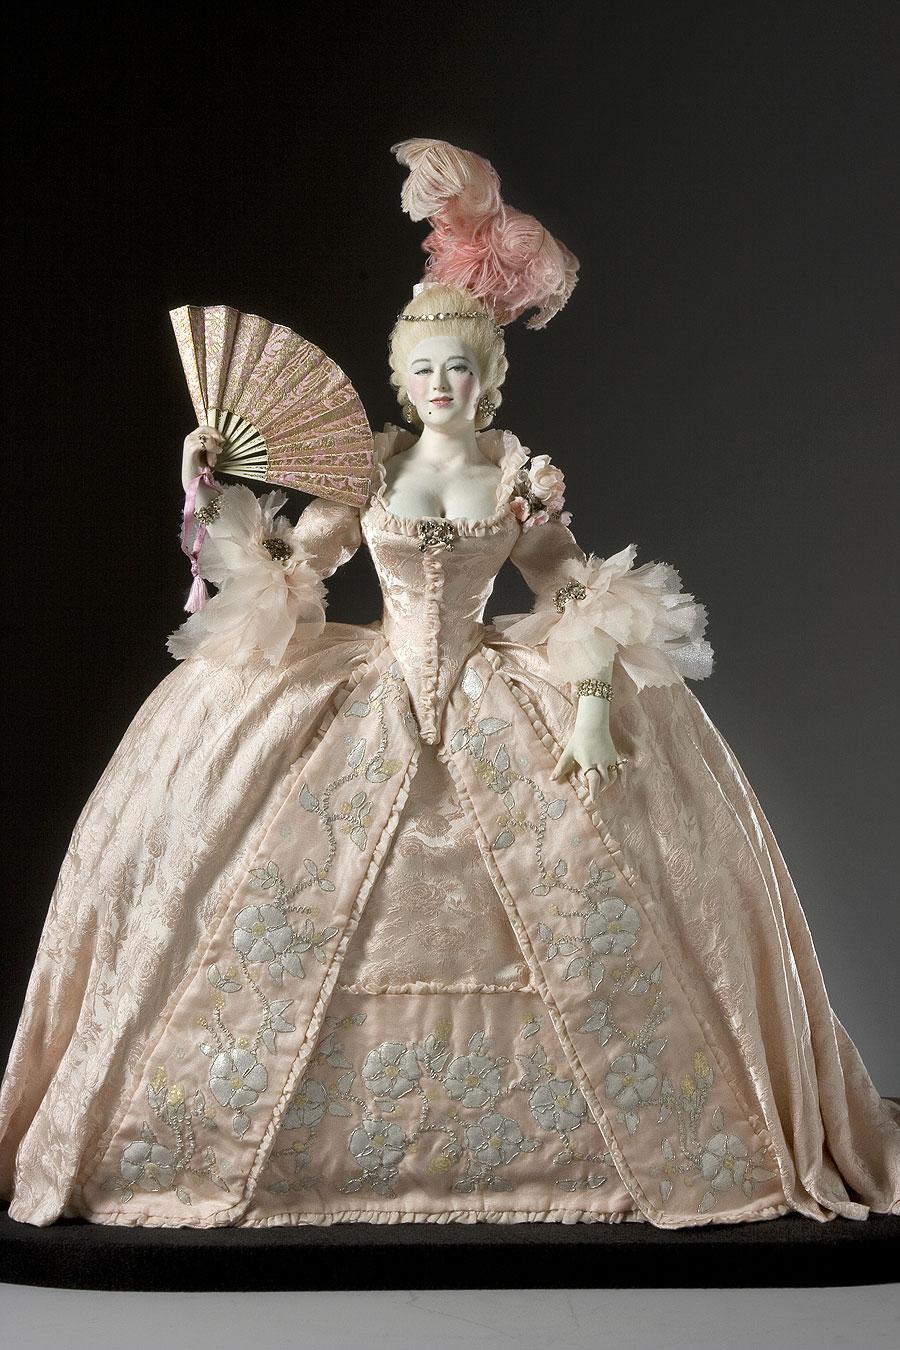 Mj ornaments marie antoinette in ventura for French rococo fashion